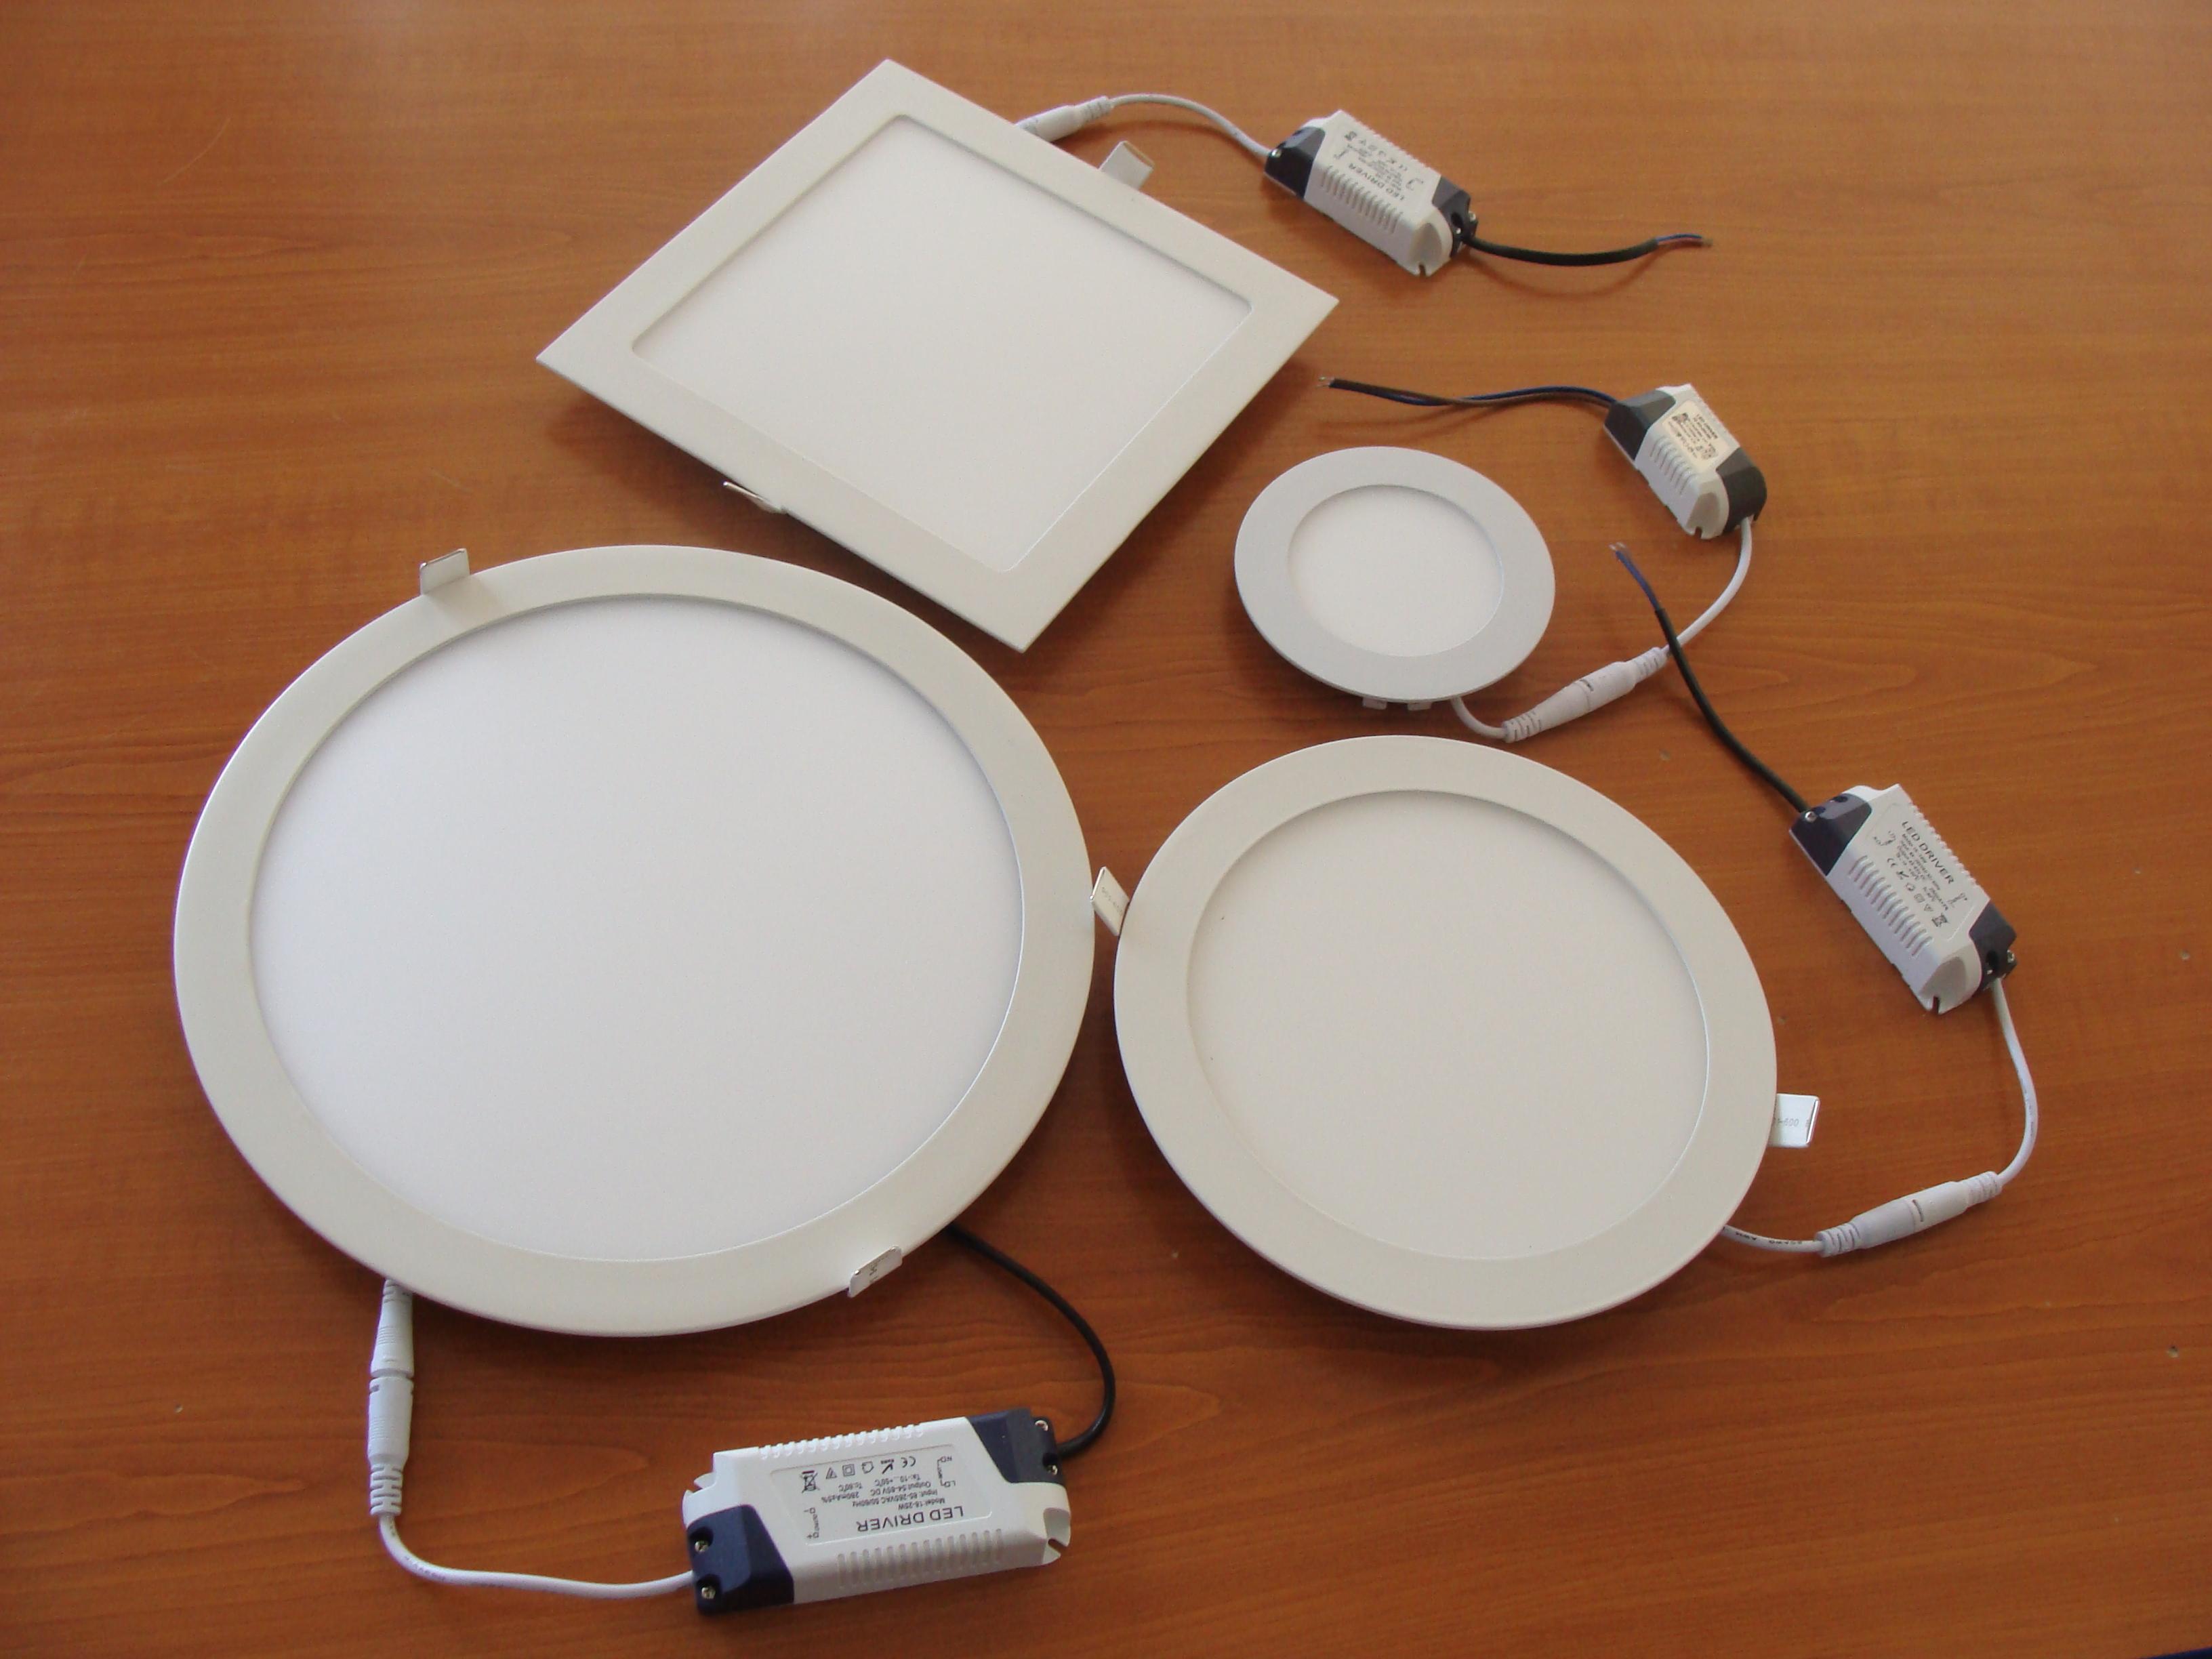 светодиодные светильники доунлайт